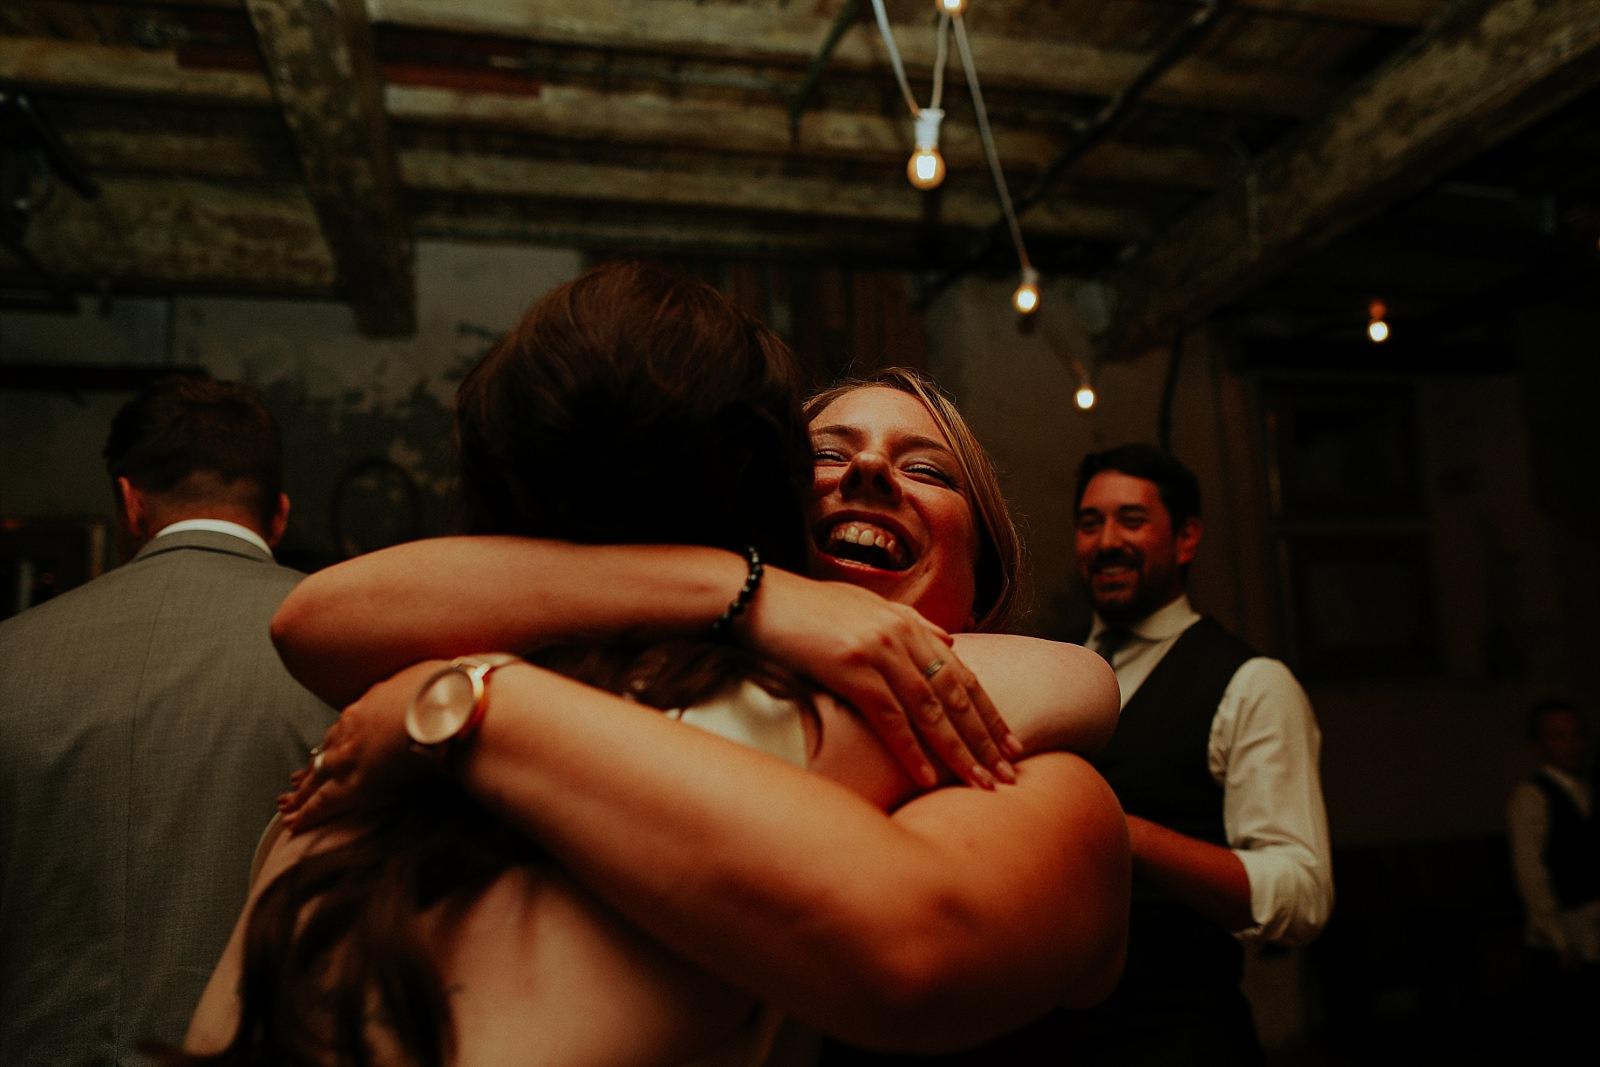 dancing wedding guests hug on the dance floor